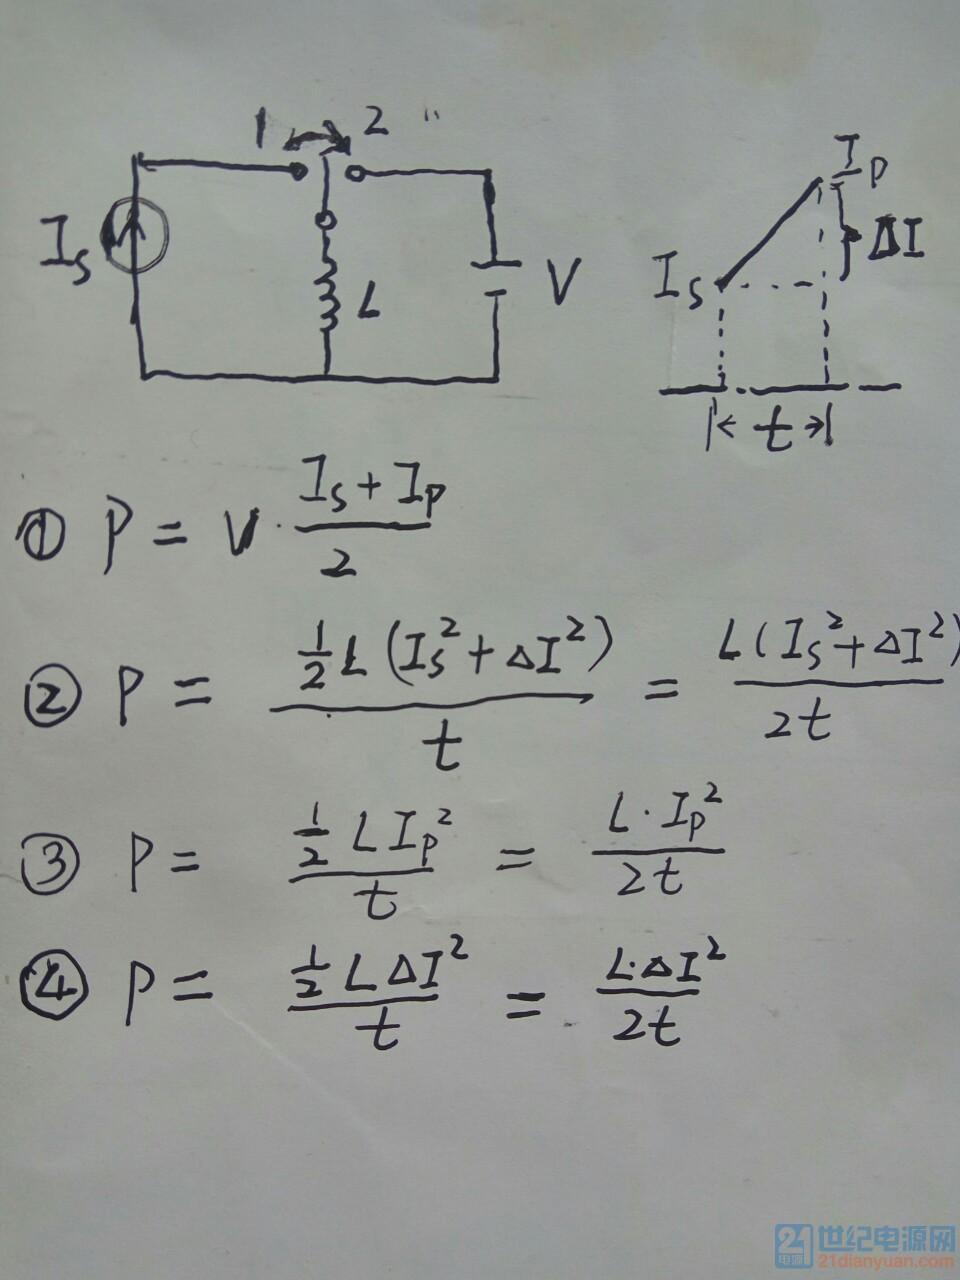 左侧为一电流源Is,开关从左打到右(进入状态2)的切换时间视为零,求状态2导通时间t内电感的功率。 4种计算 ...